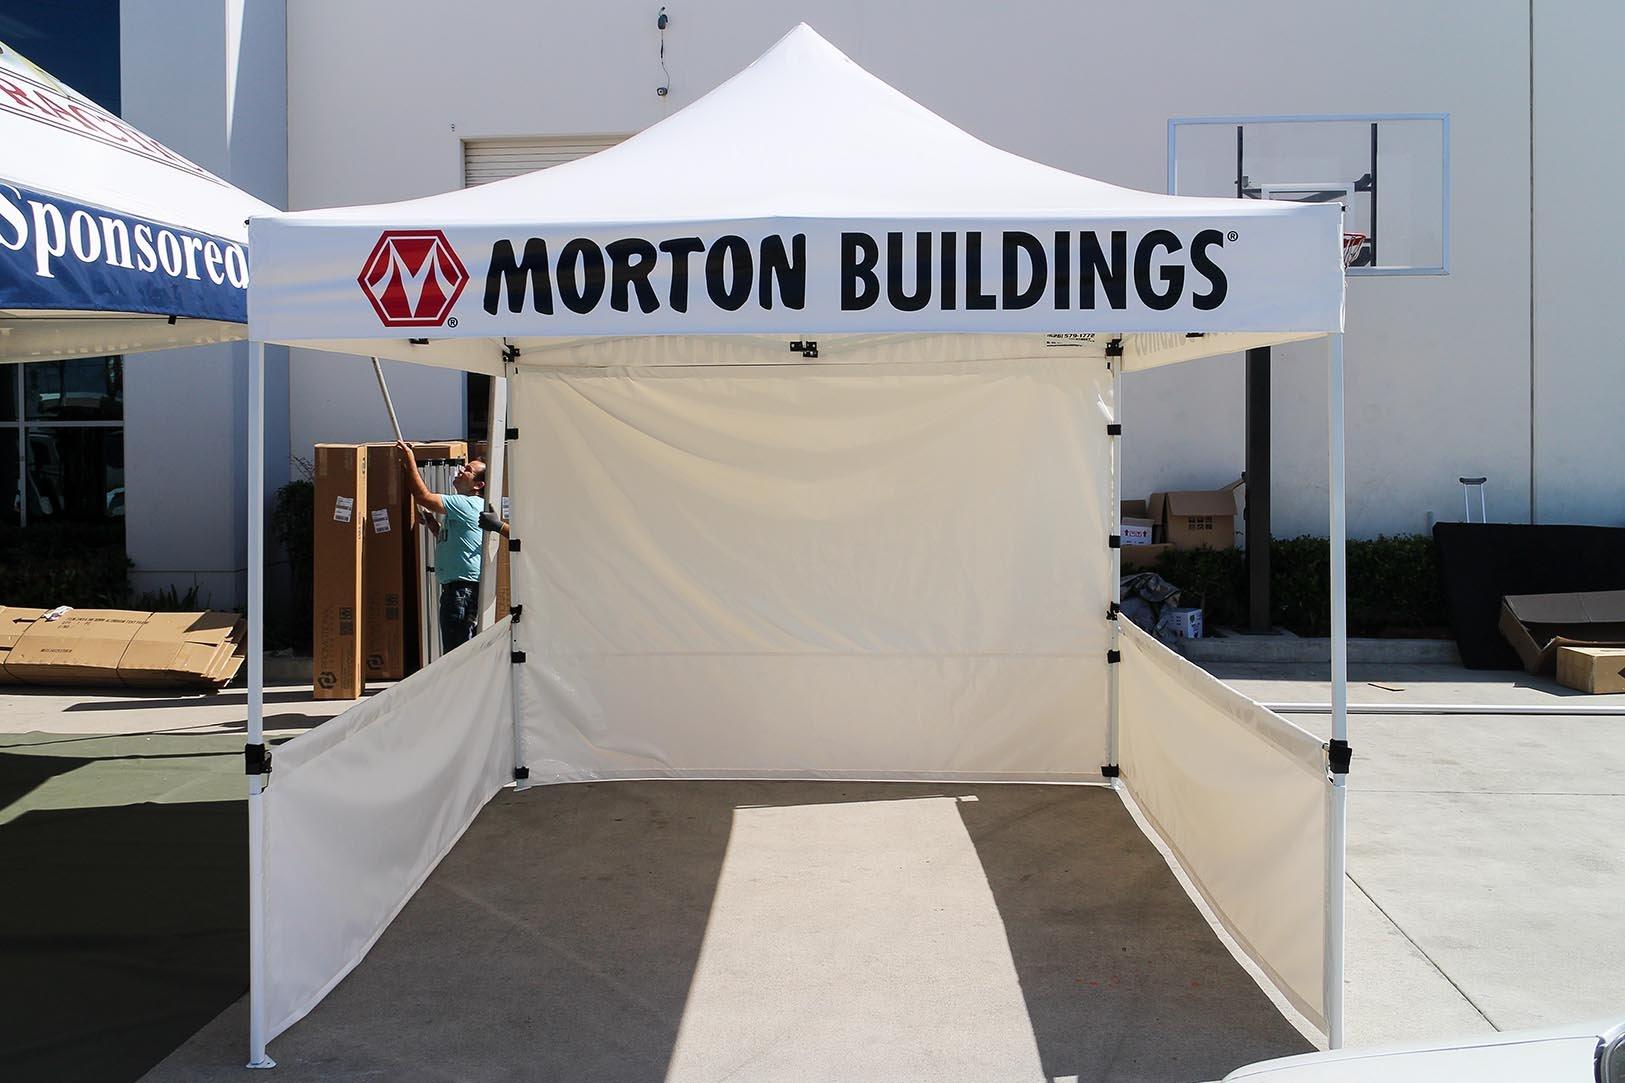 morton-buildings-pop-up-tent